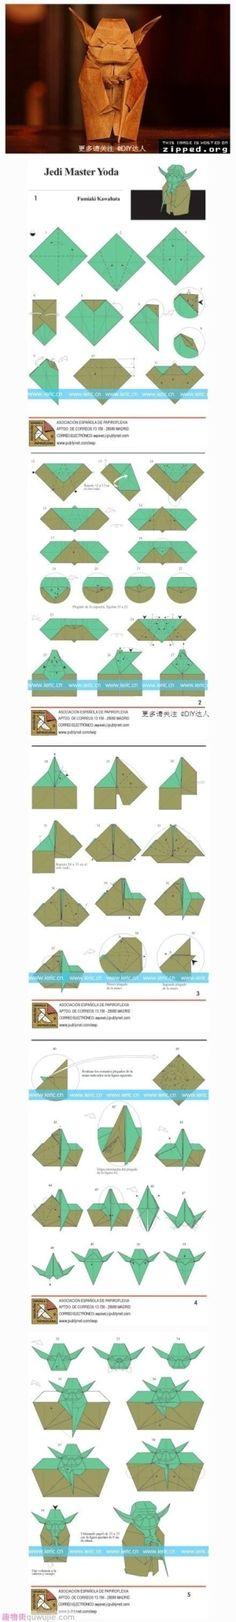 Origami Jedi Master Yoda Origami Jedi Master Yoda by diyforever